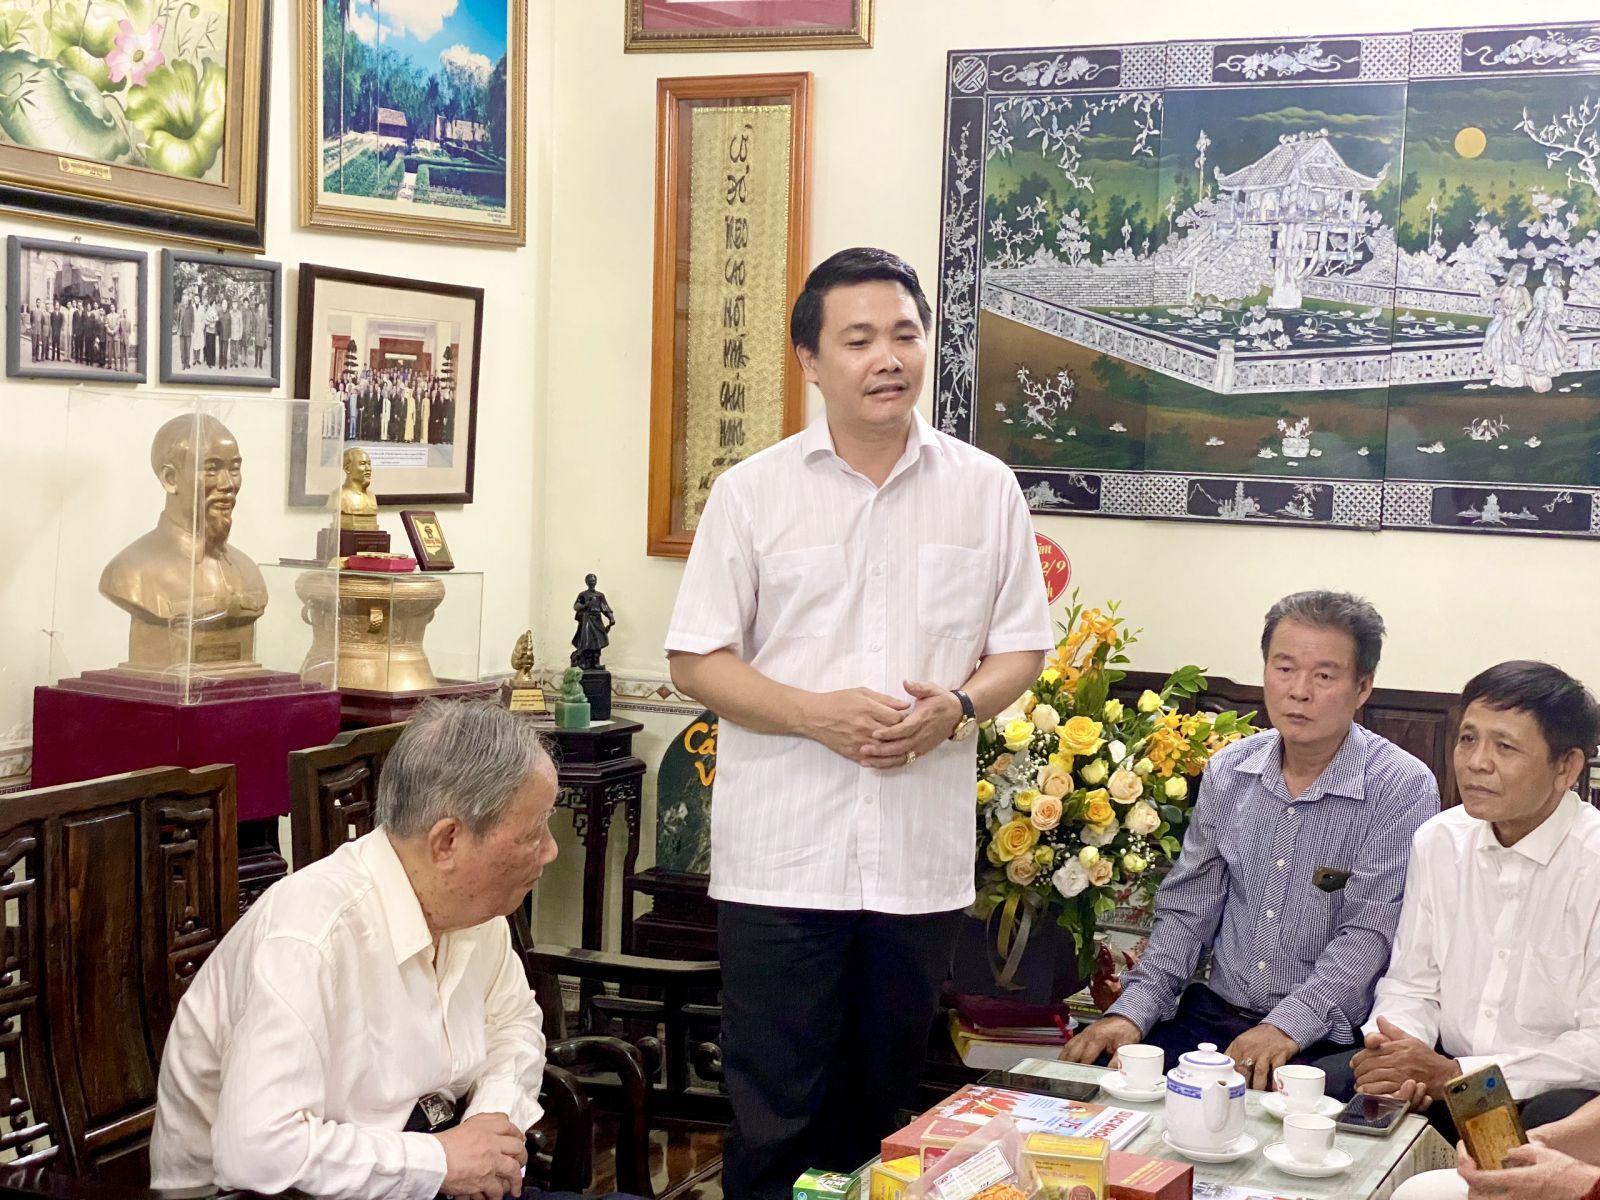 Chủ tịch Vũ Việt Anh phát biểu tri ân, chúc mừng ông Vũ Oanh